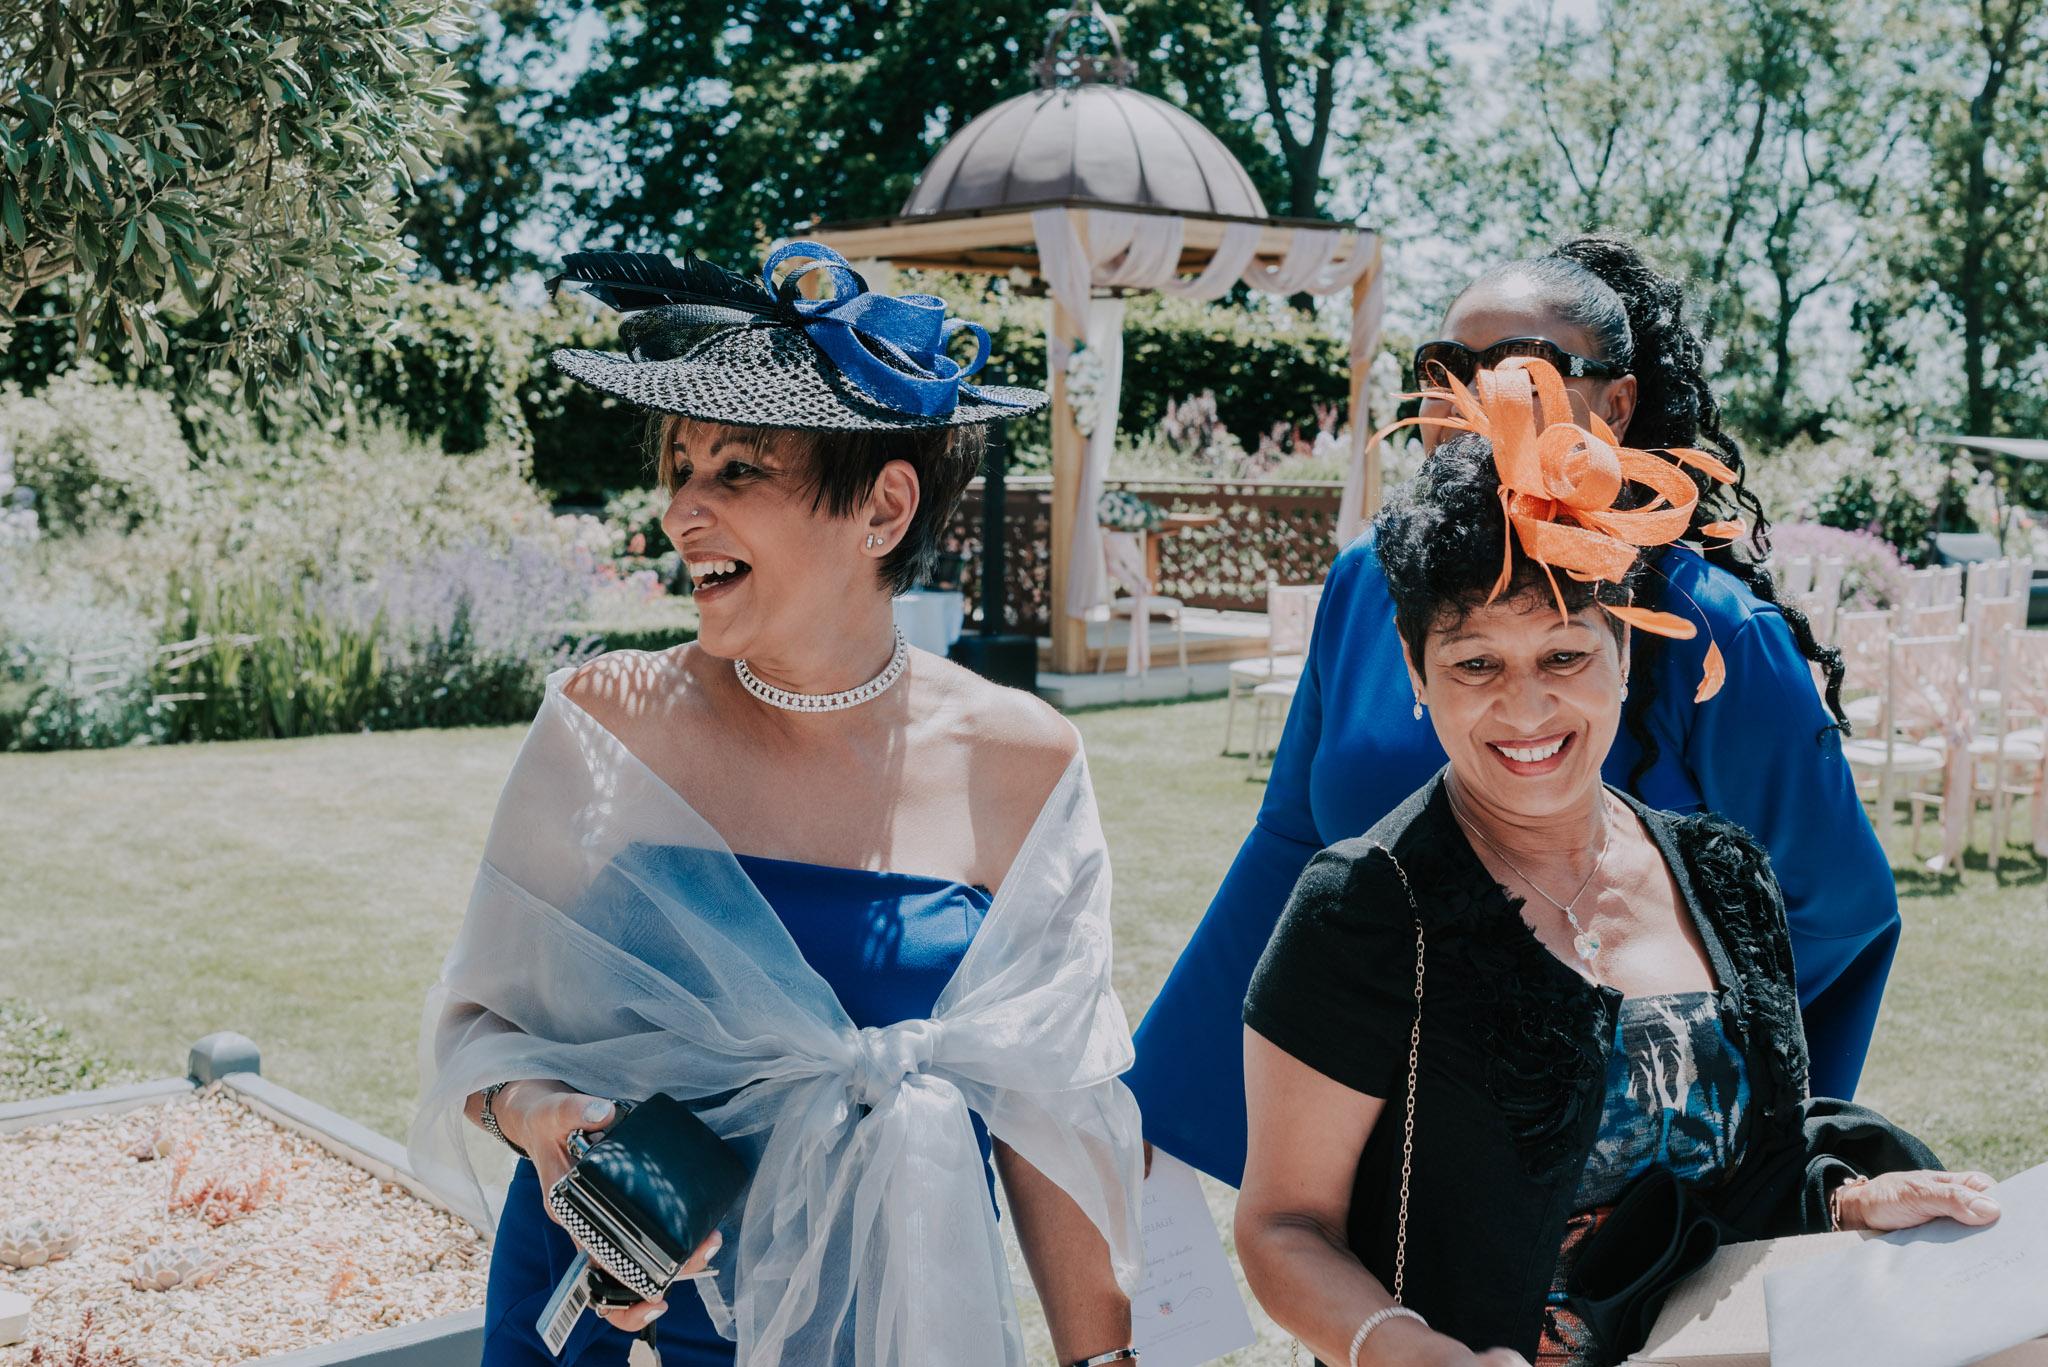 scott-stockwell-wedding-photographer-wood-norton-evesham102.jpg